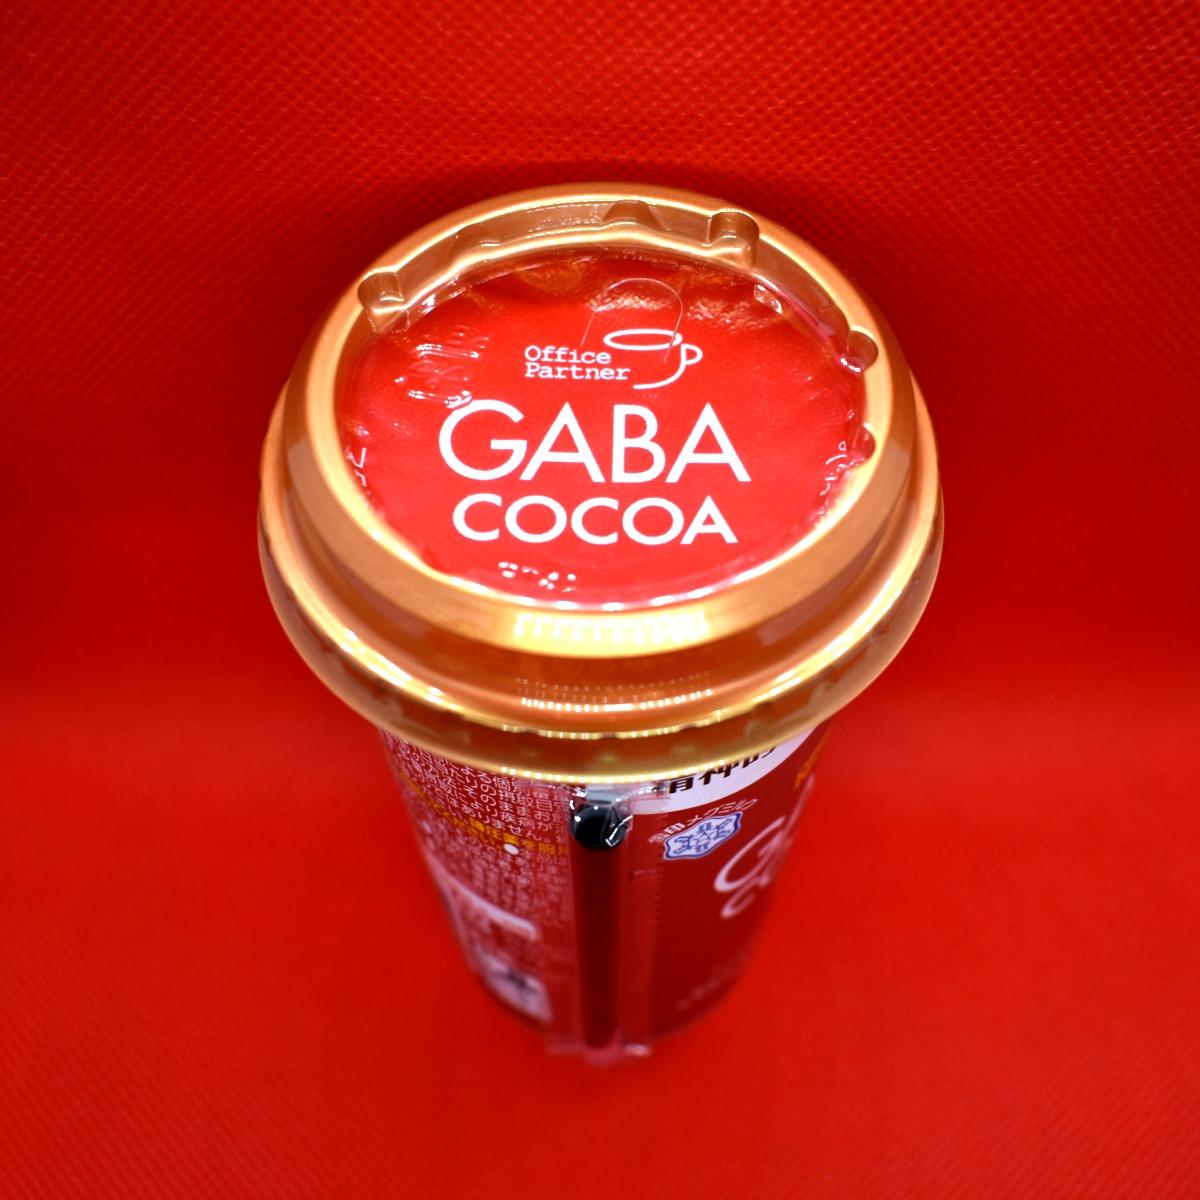 Office Partner GABA COCOA(オフィス パートナー ギャバ ココア)